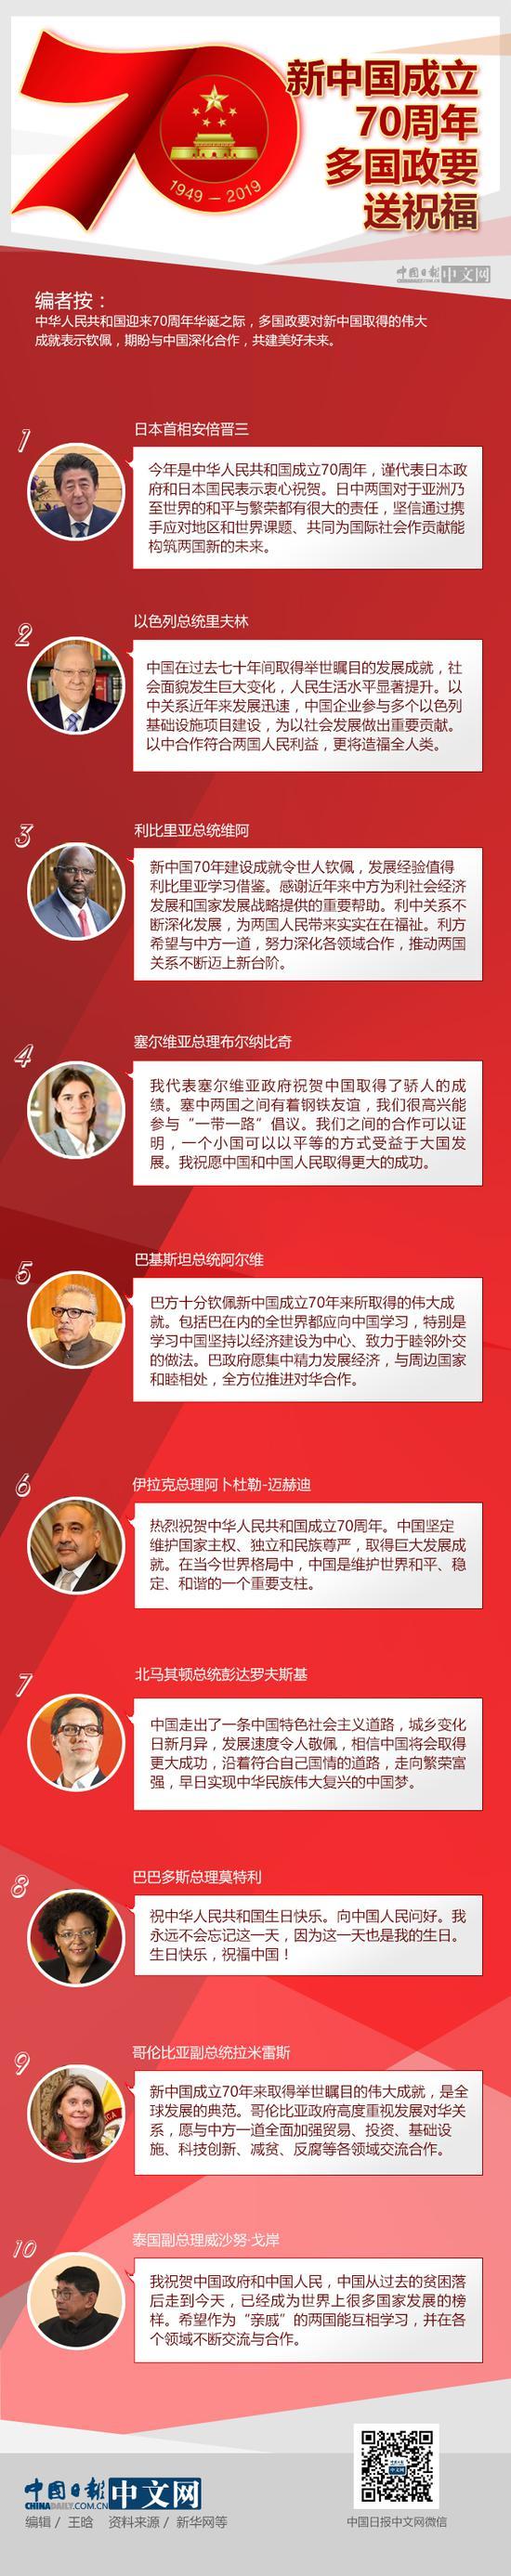 上海交通委勘察南通新机场:强化与浦东虹桥轨道衔接